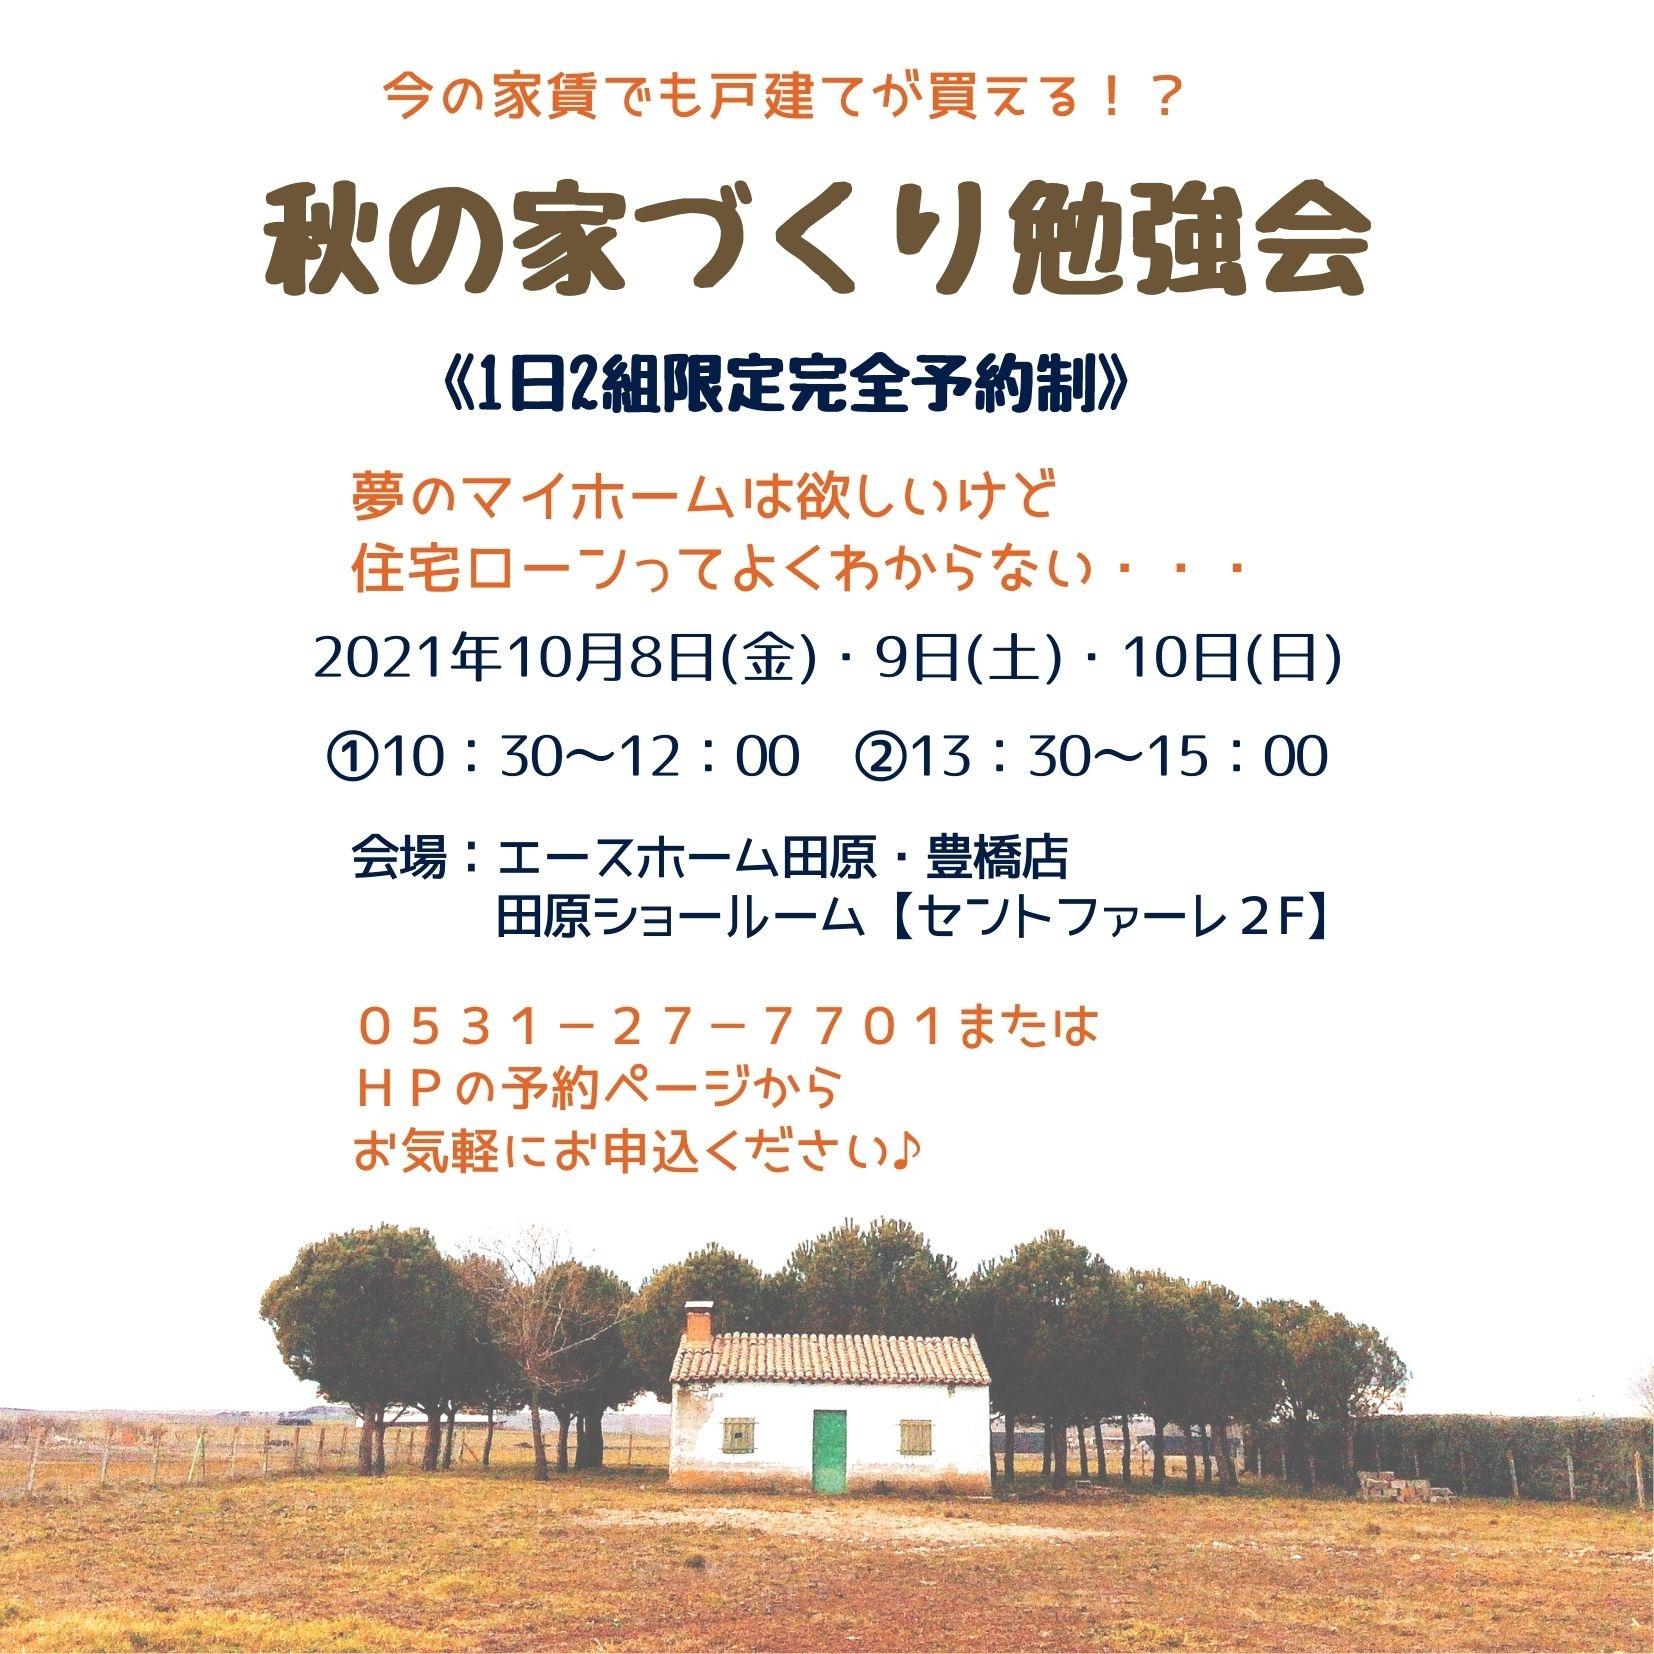 家づくりまるわかりセミナー (1).jpg